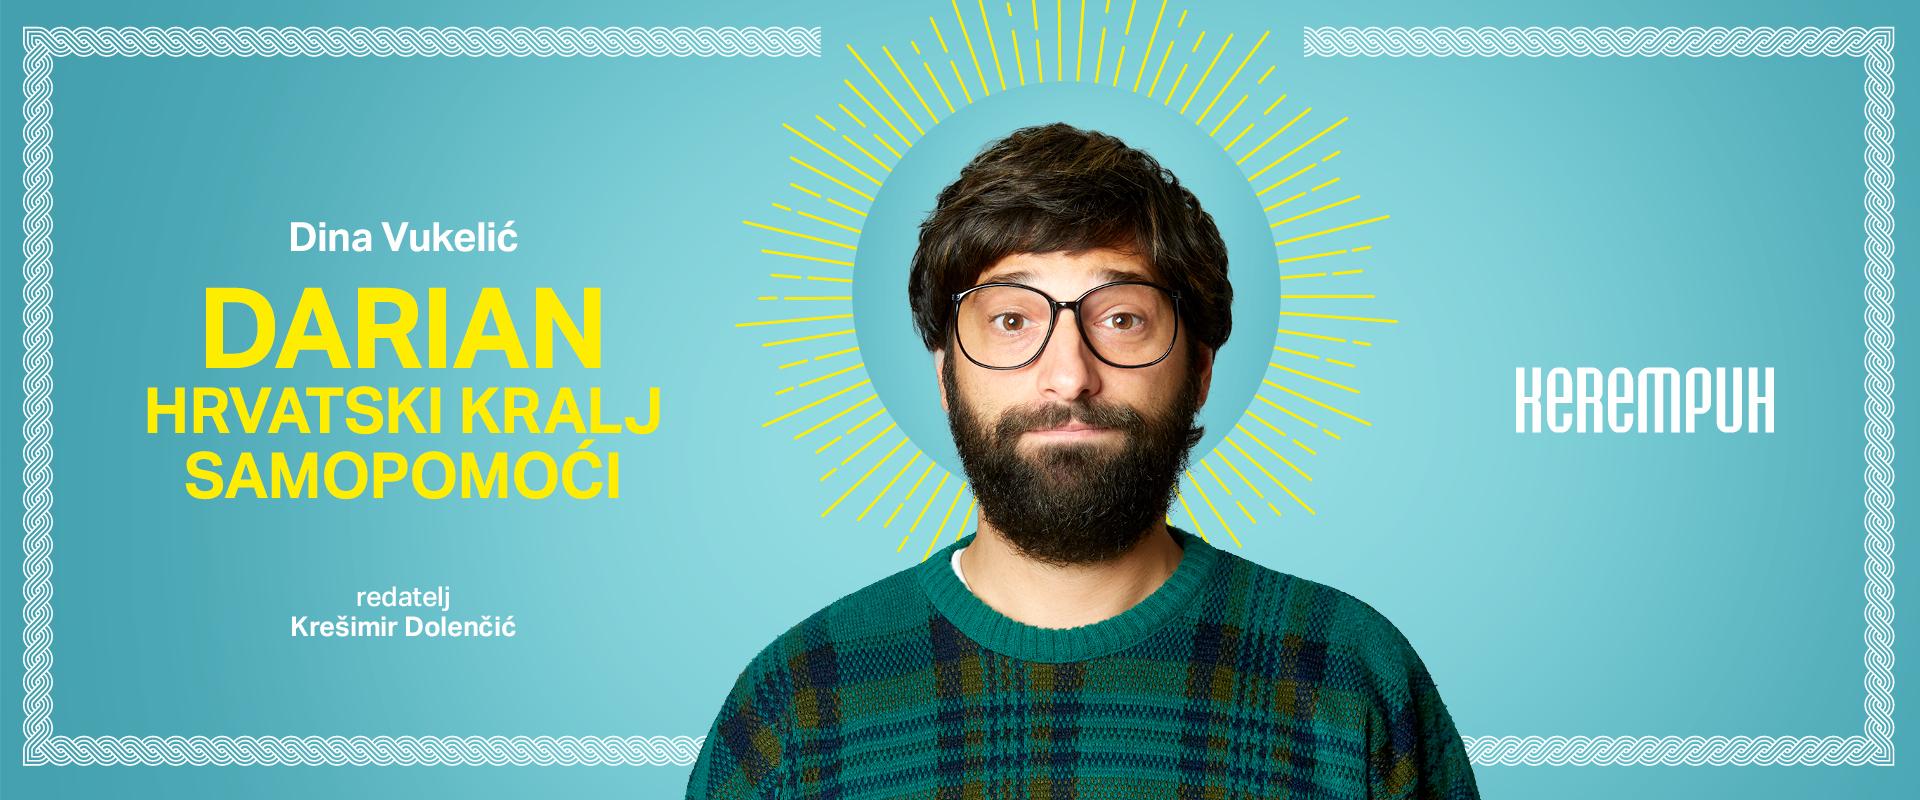 Praizvedba predstave 'Darian, hrvatski kralj samopomoći' u Kerempuhu